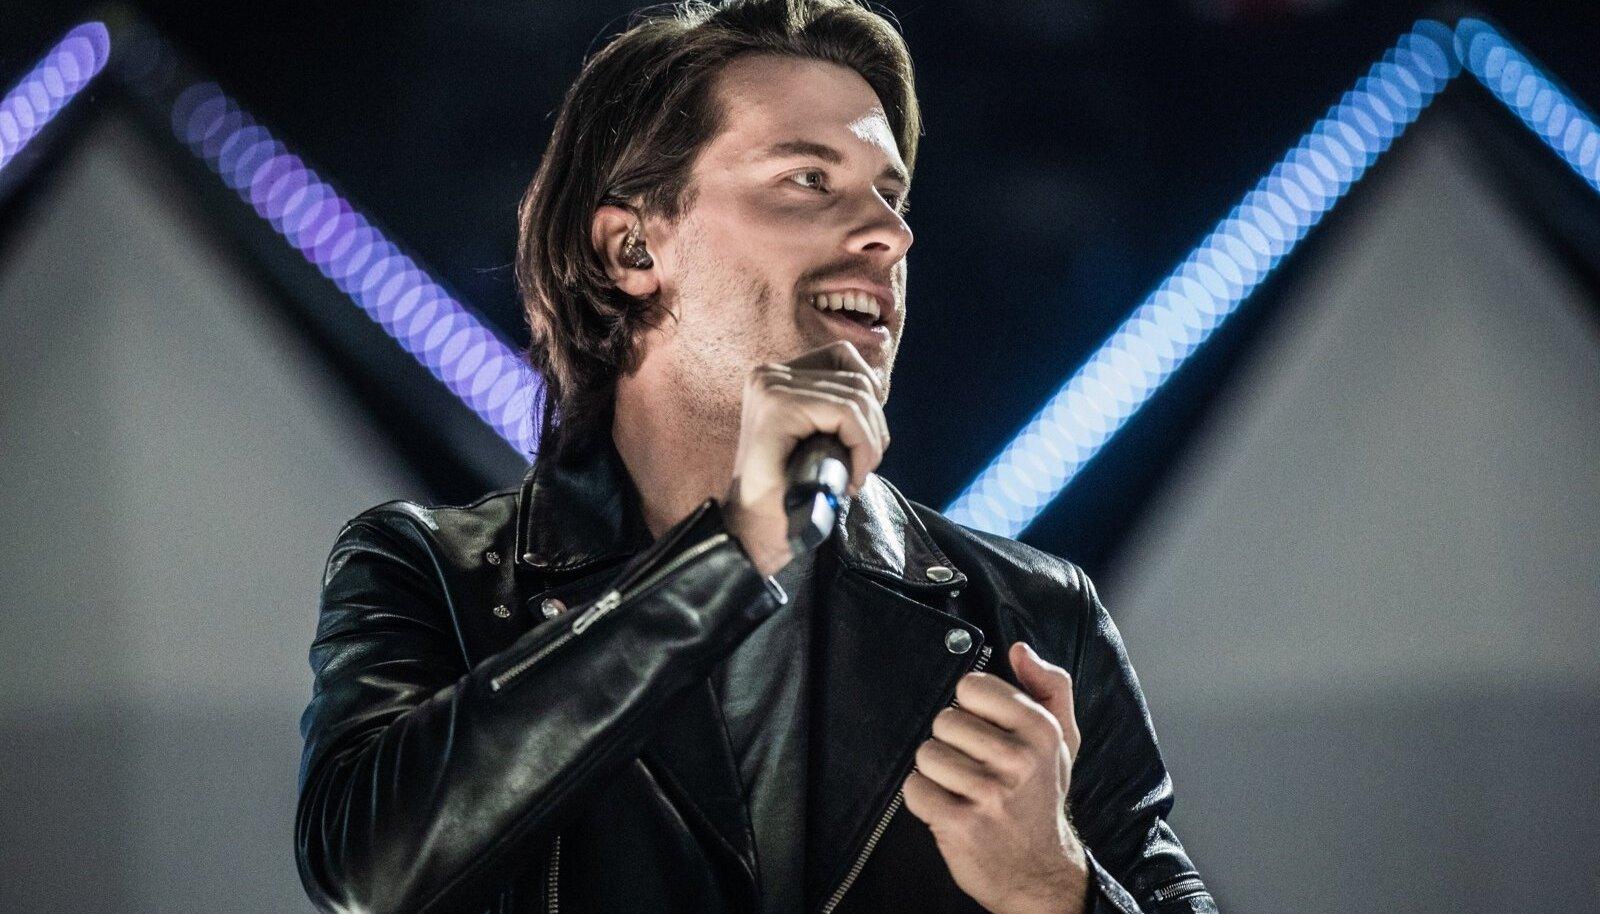 Eesti Laul 2019 I peaproov. Victor Crone